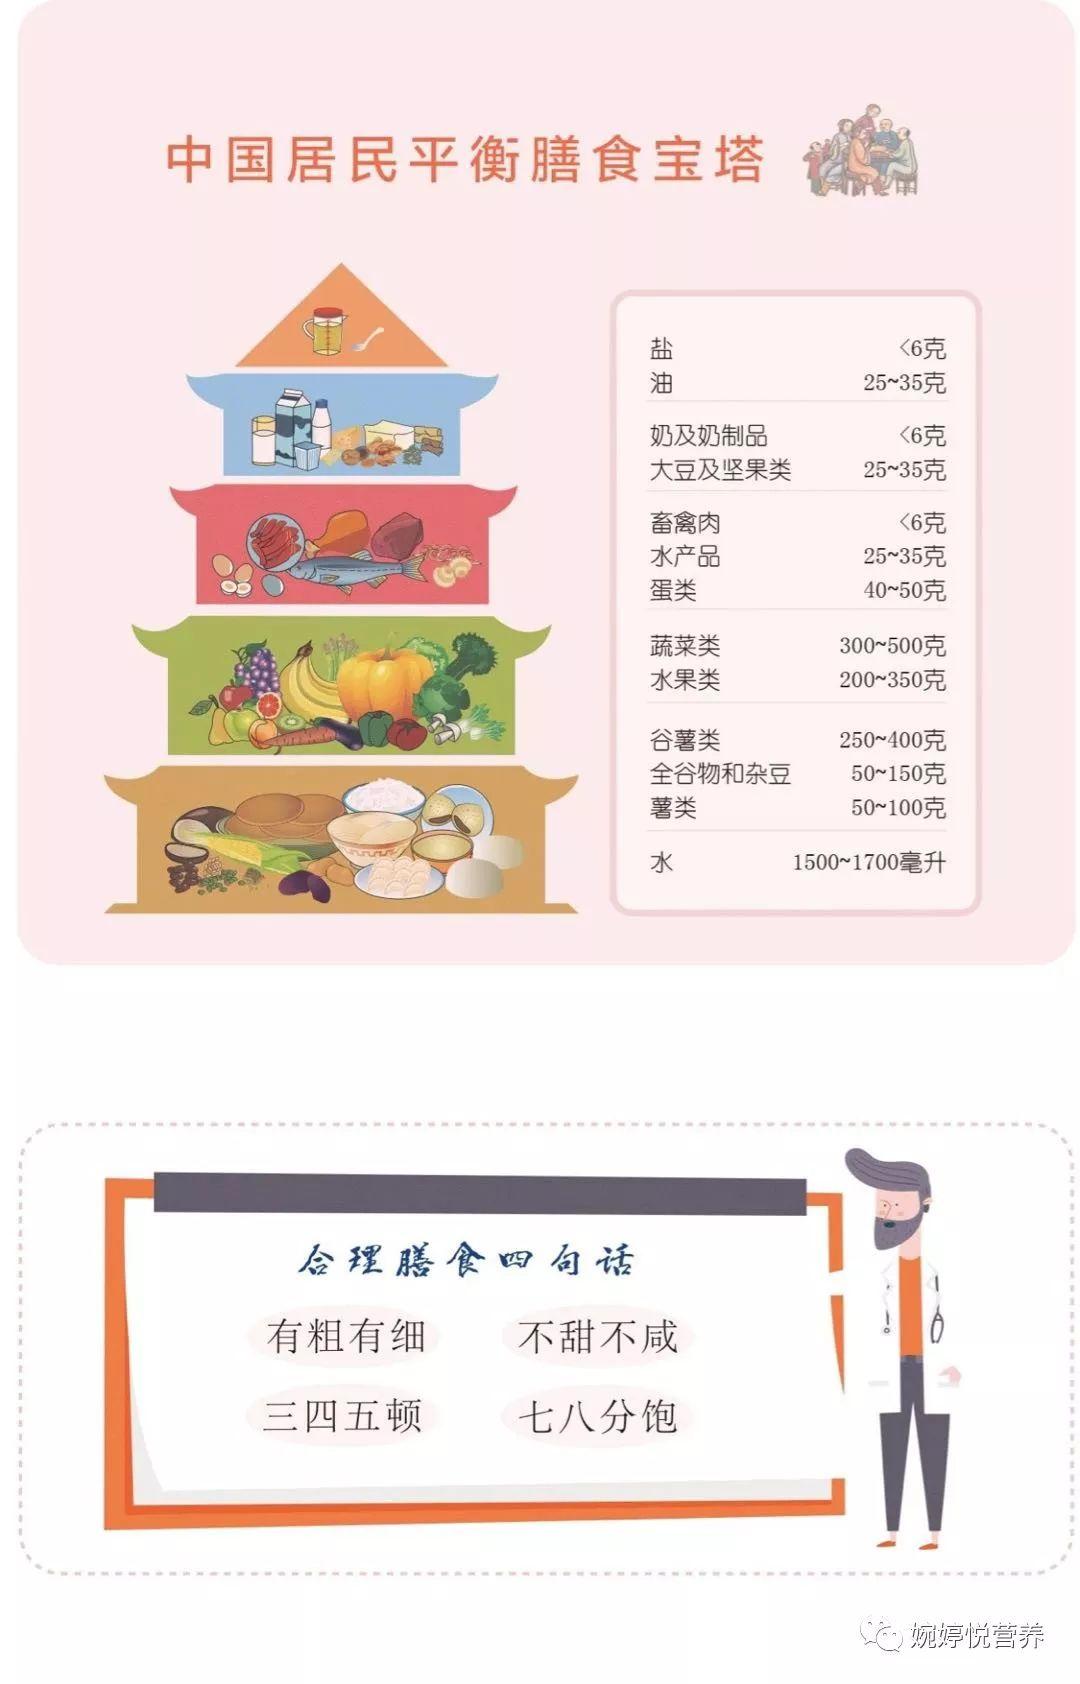 宋宝琴营养手册_最全营养知识手册~必须收藏!